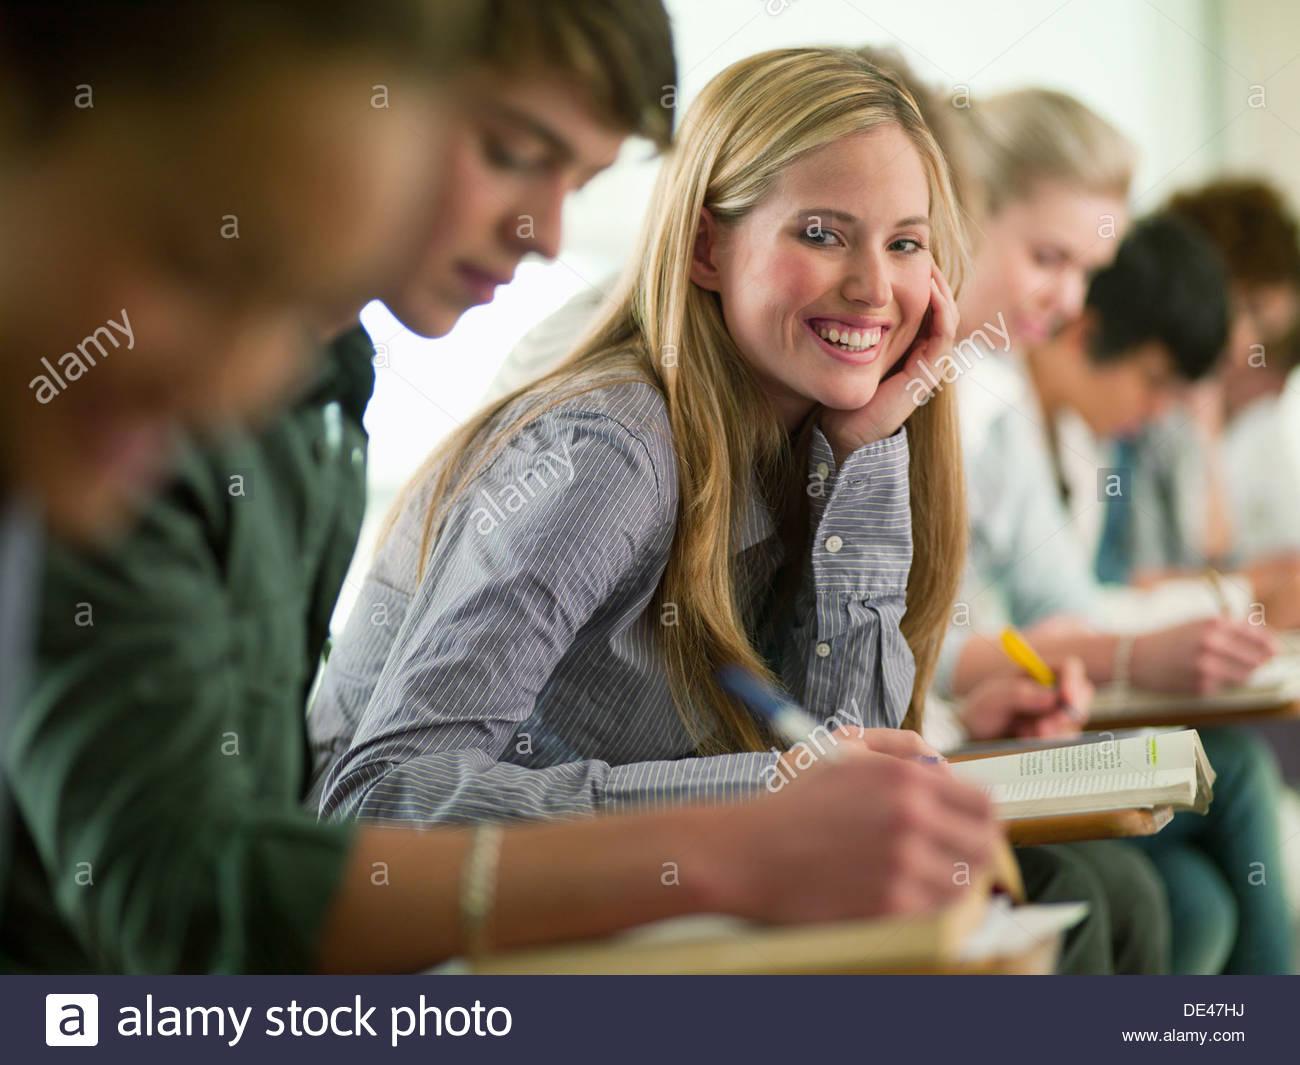 Lächelnde College-Student am Schreibtisch im Klassenzimmer Stockbild